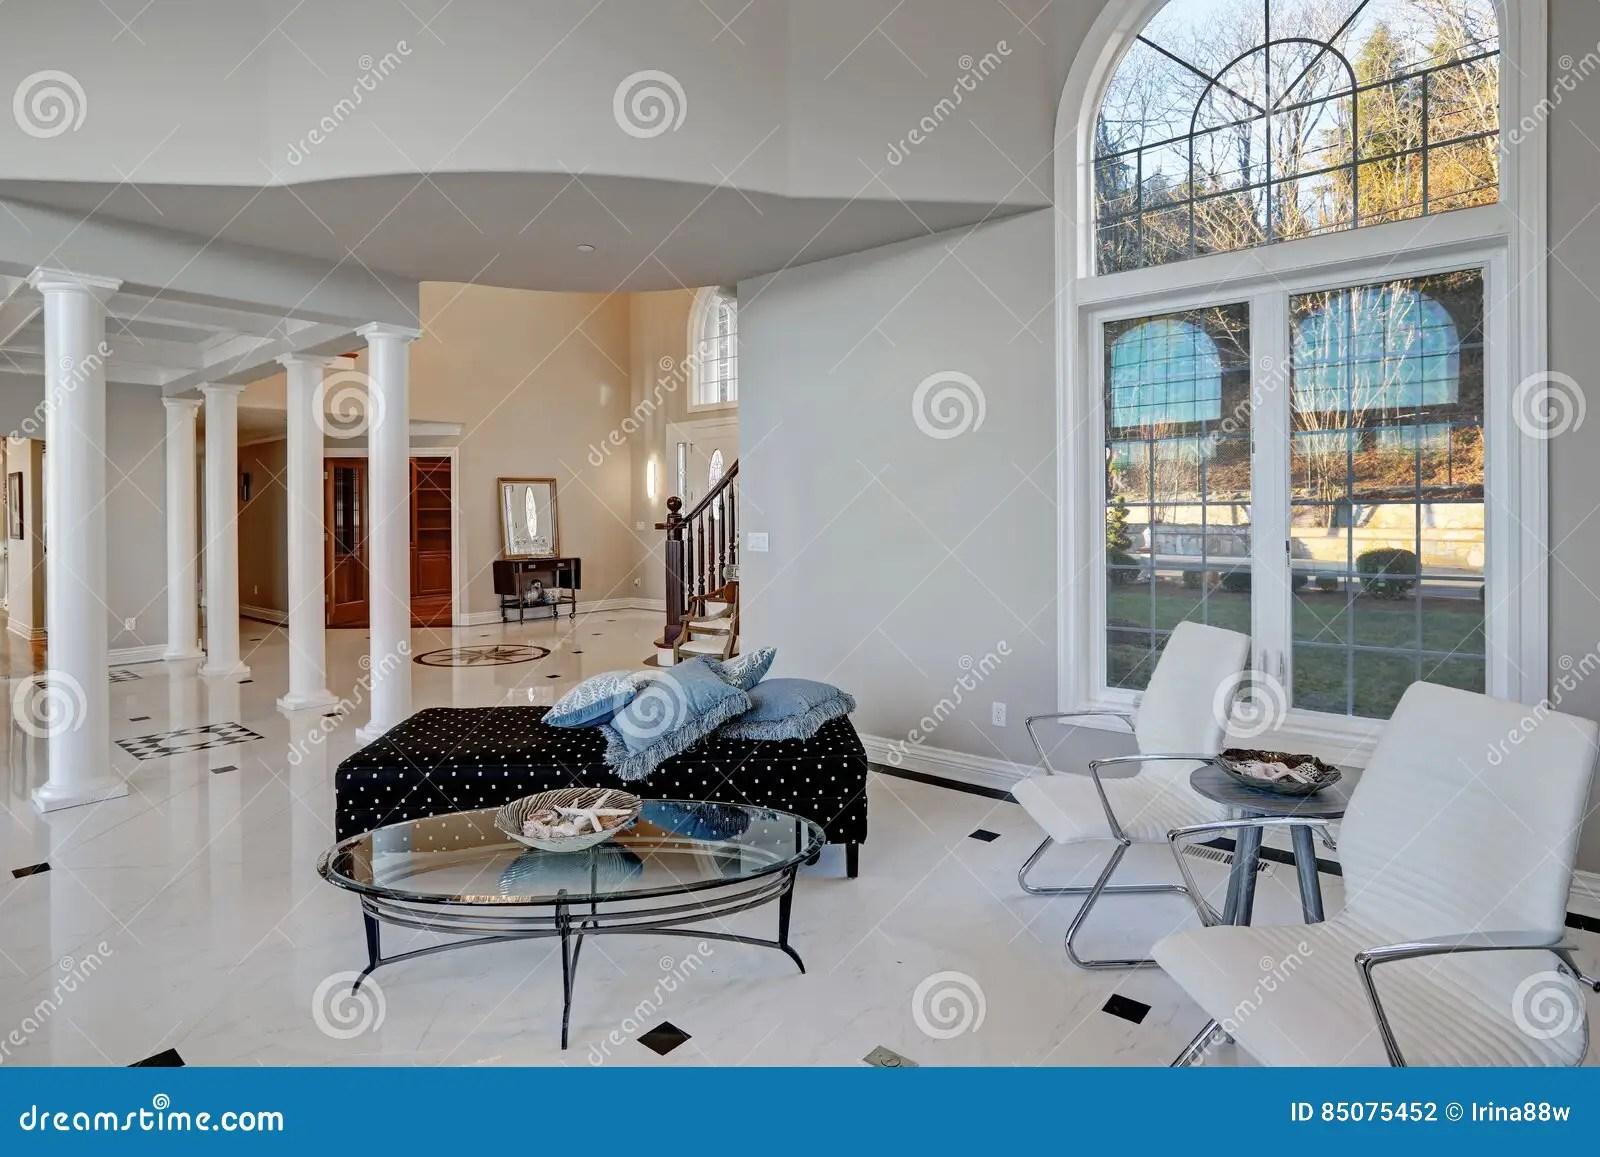 Hohes Wohnzimmer Gestalten Schlafzimmer Decke Gestalten